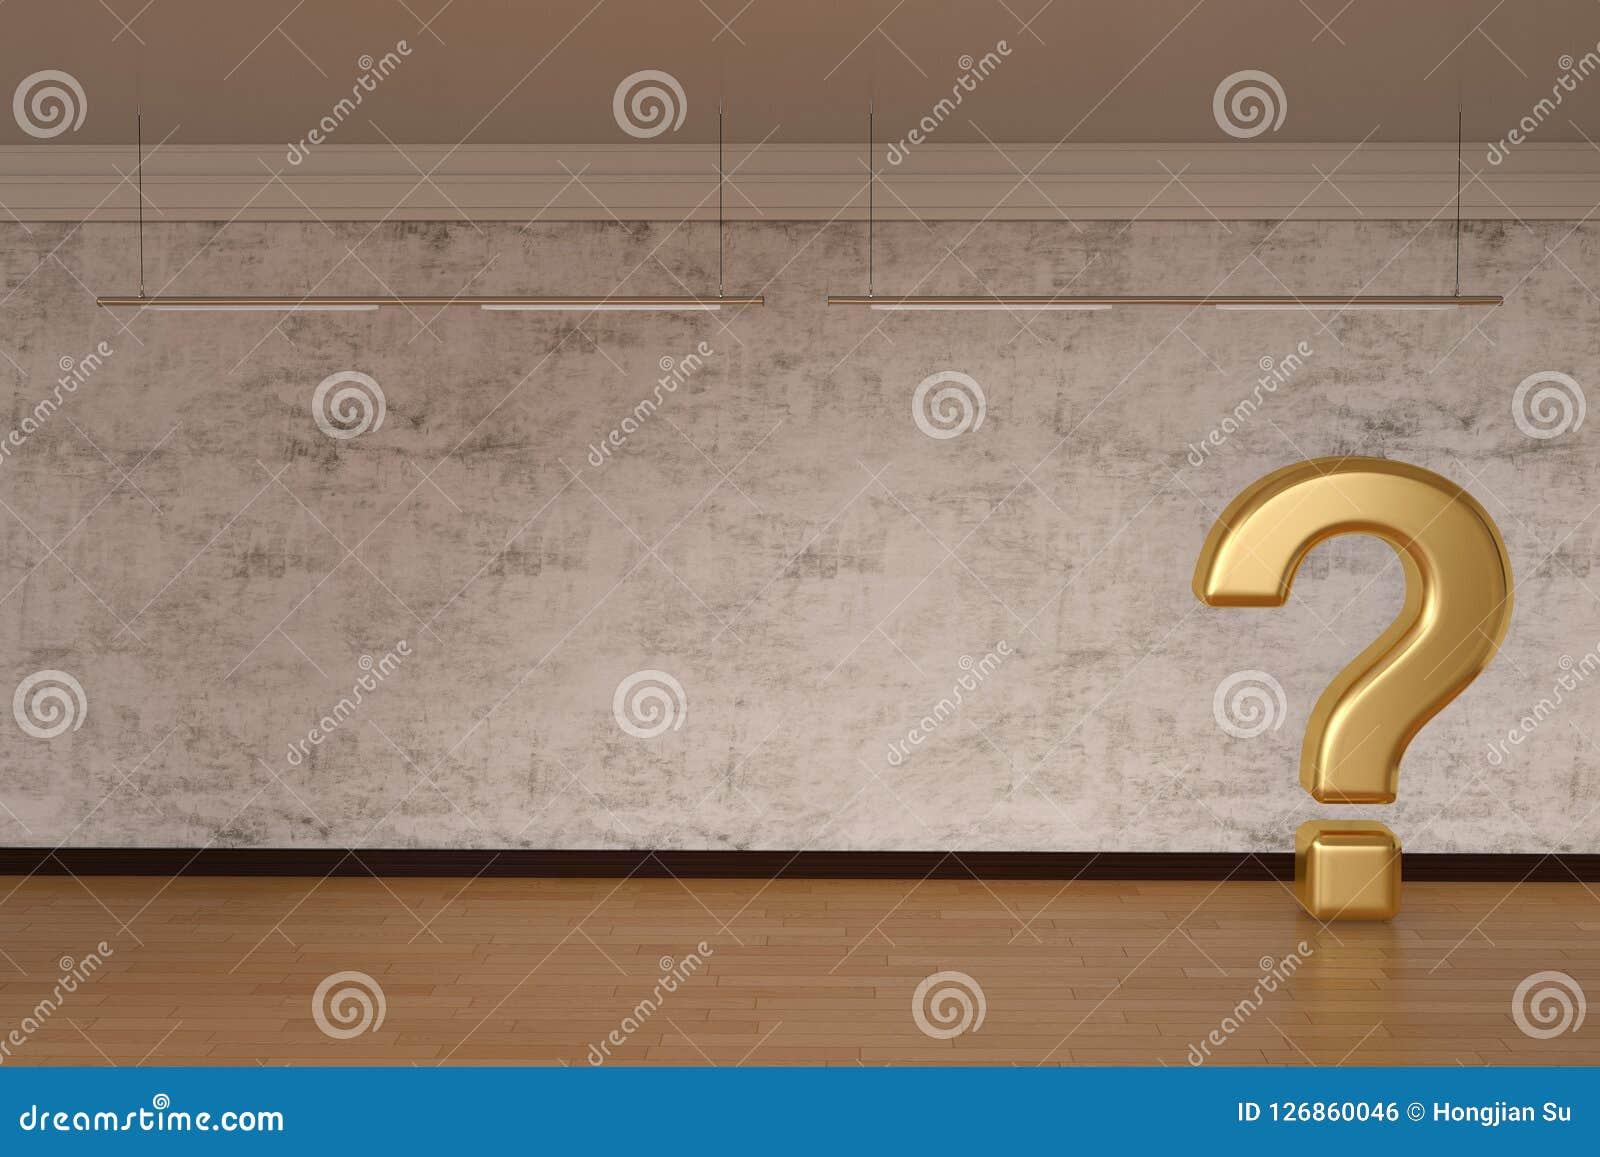 Sinal dourado do ponto de interrogação na ilustração de madeira do assoalho 3D